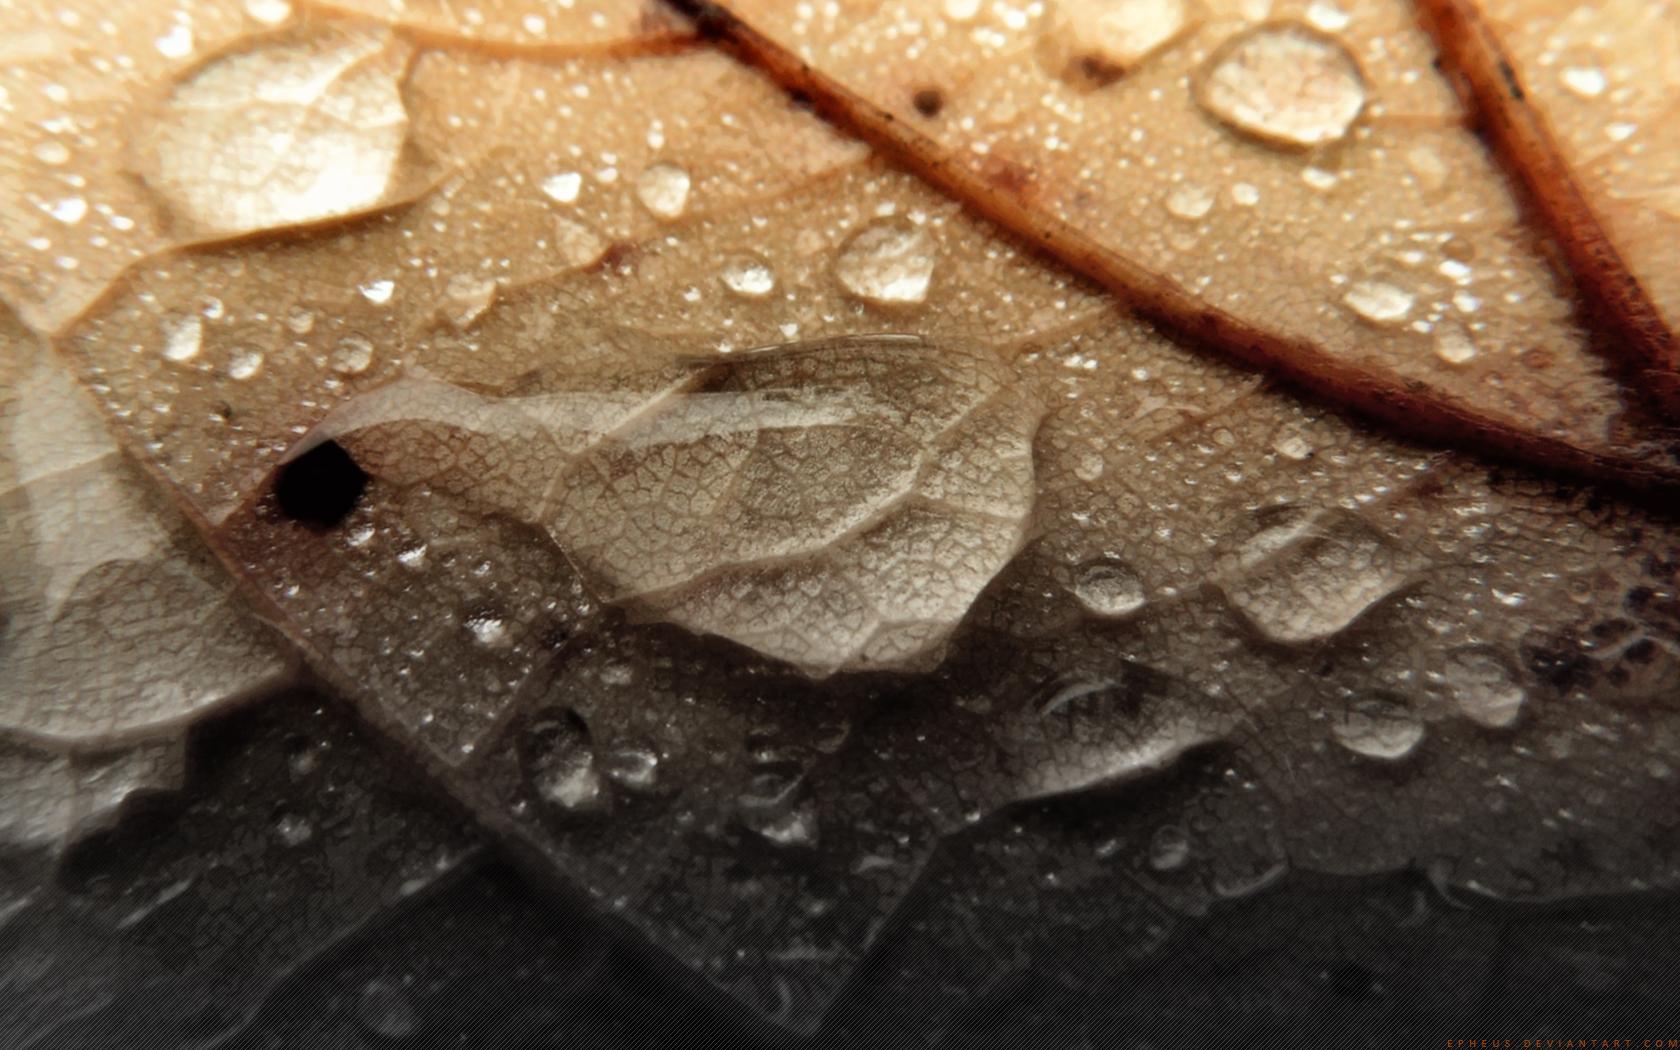 Autumn Rain by Epheus